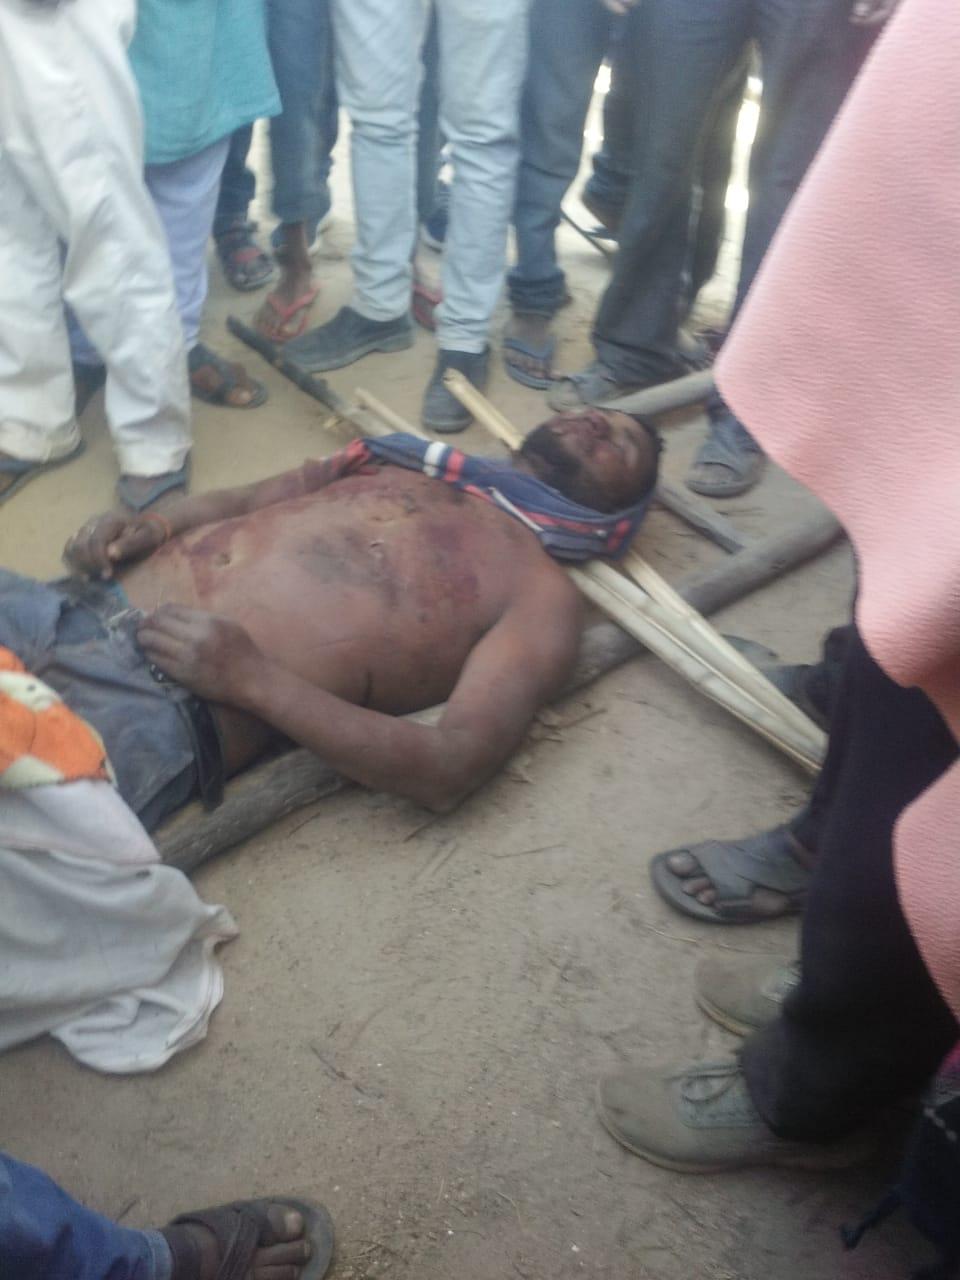 बरकनगांगो गांव में हाथी ने एक पुरुष एवं एक महिला को अपनी चपेट में लिया।